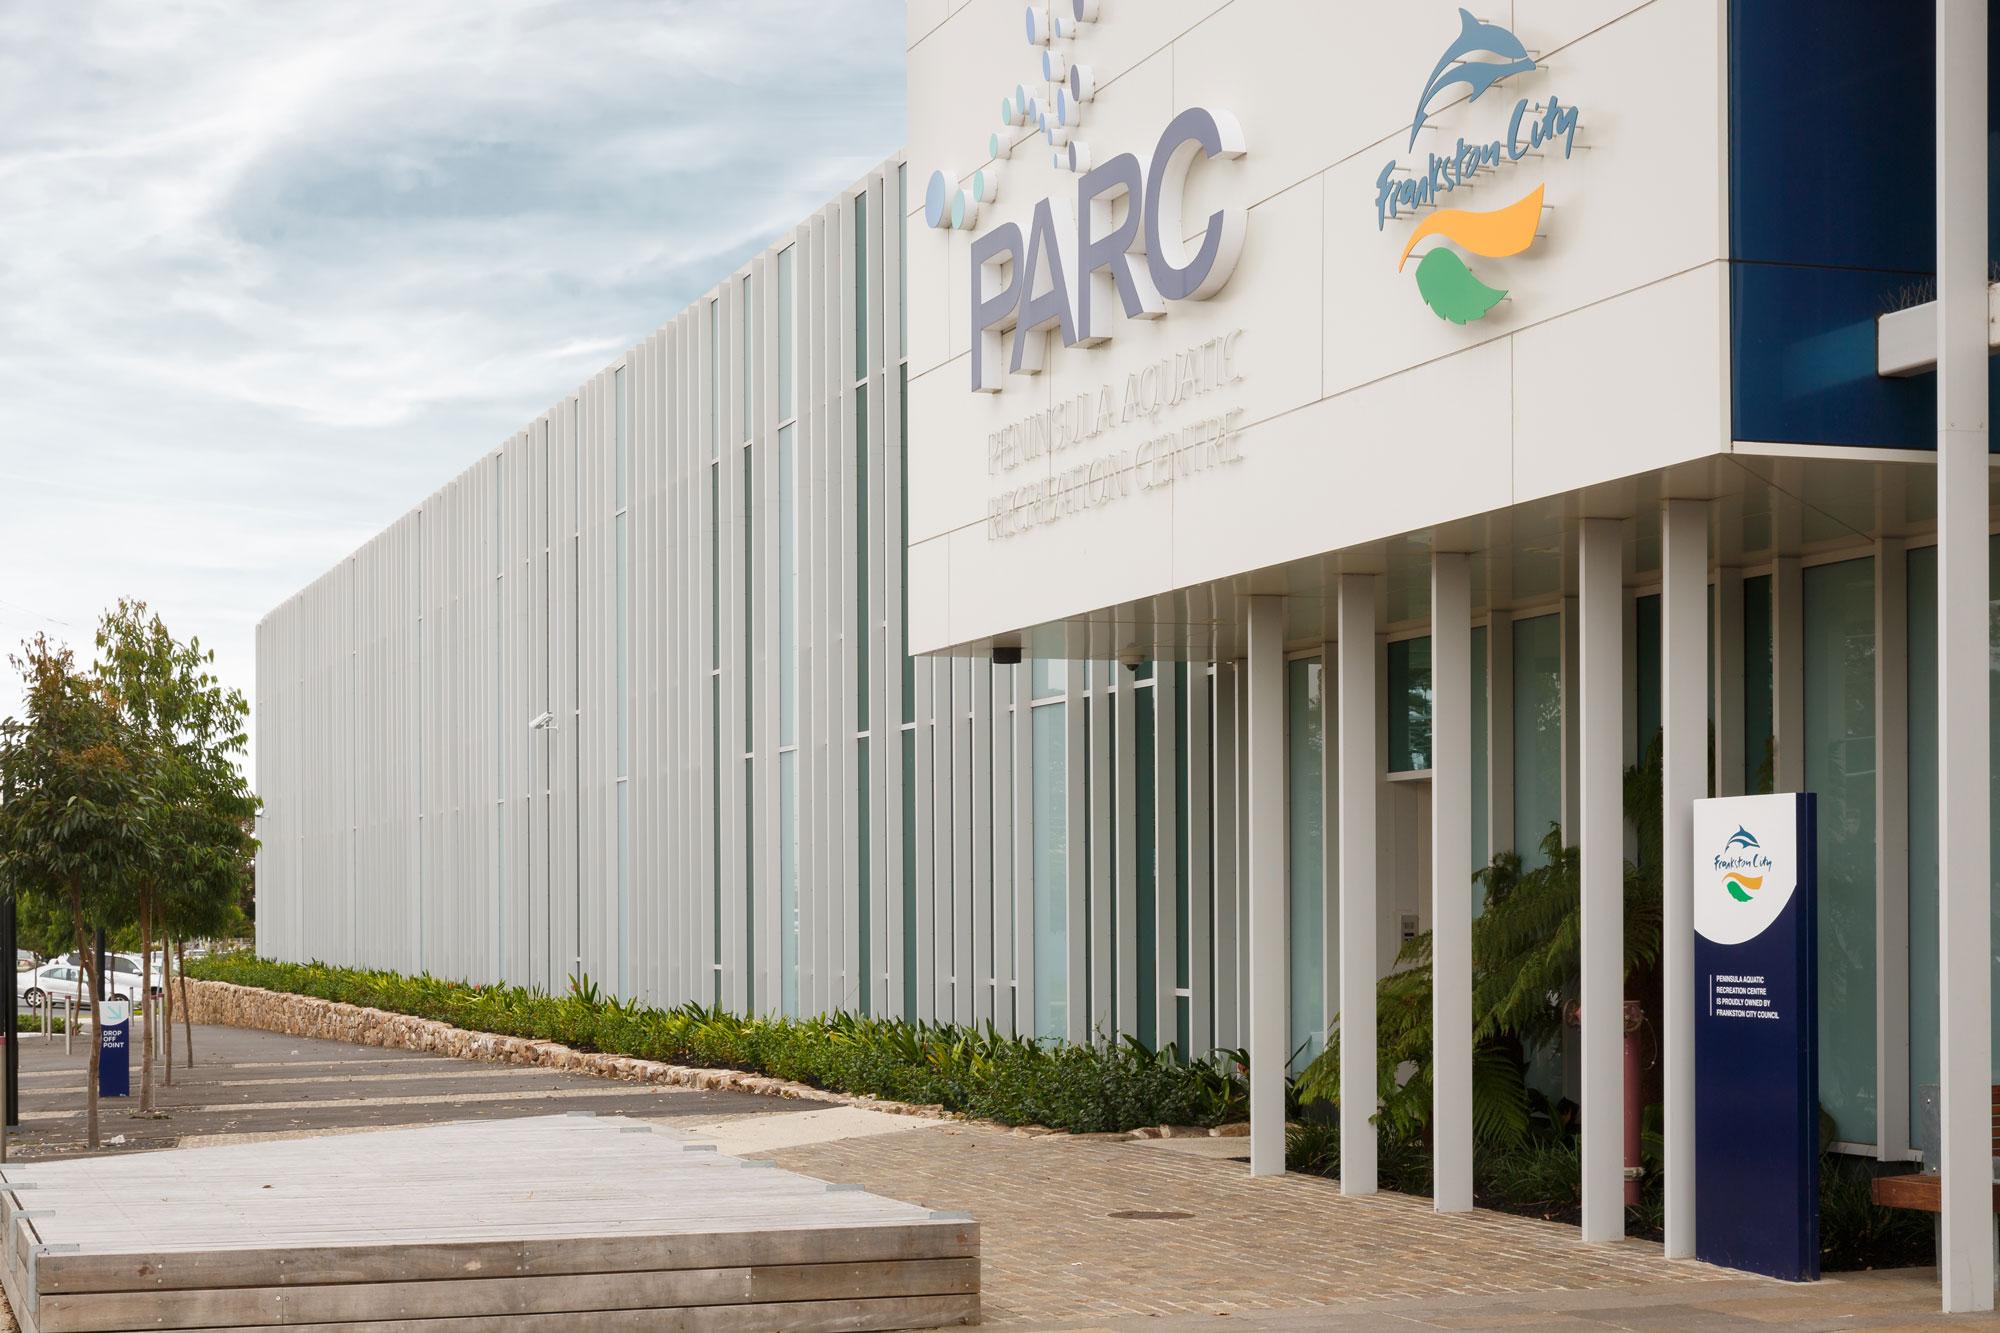 PARC Landscaping